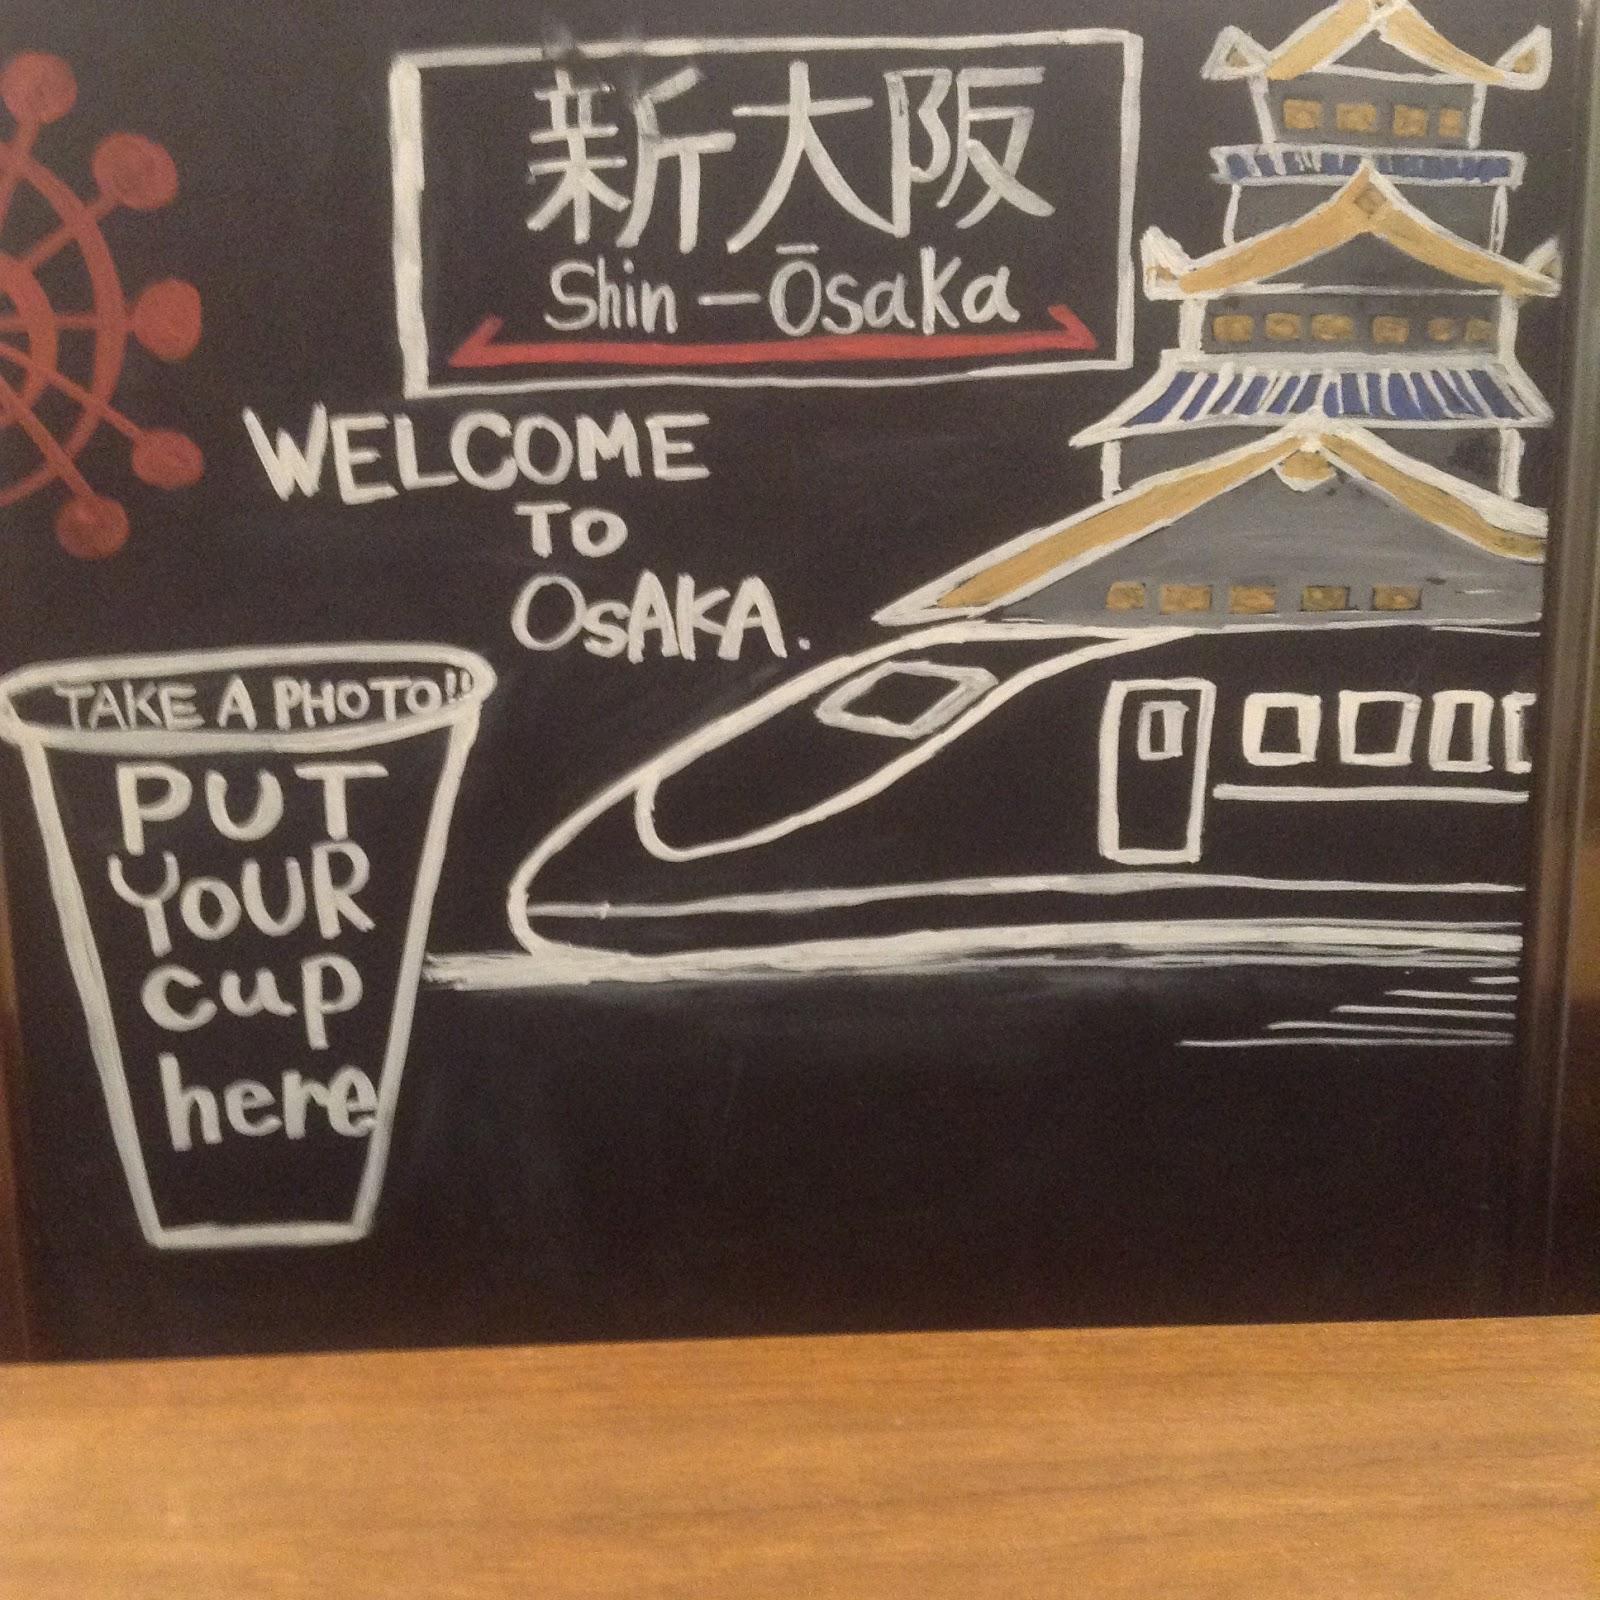 Shin Osaka starbucks